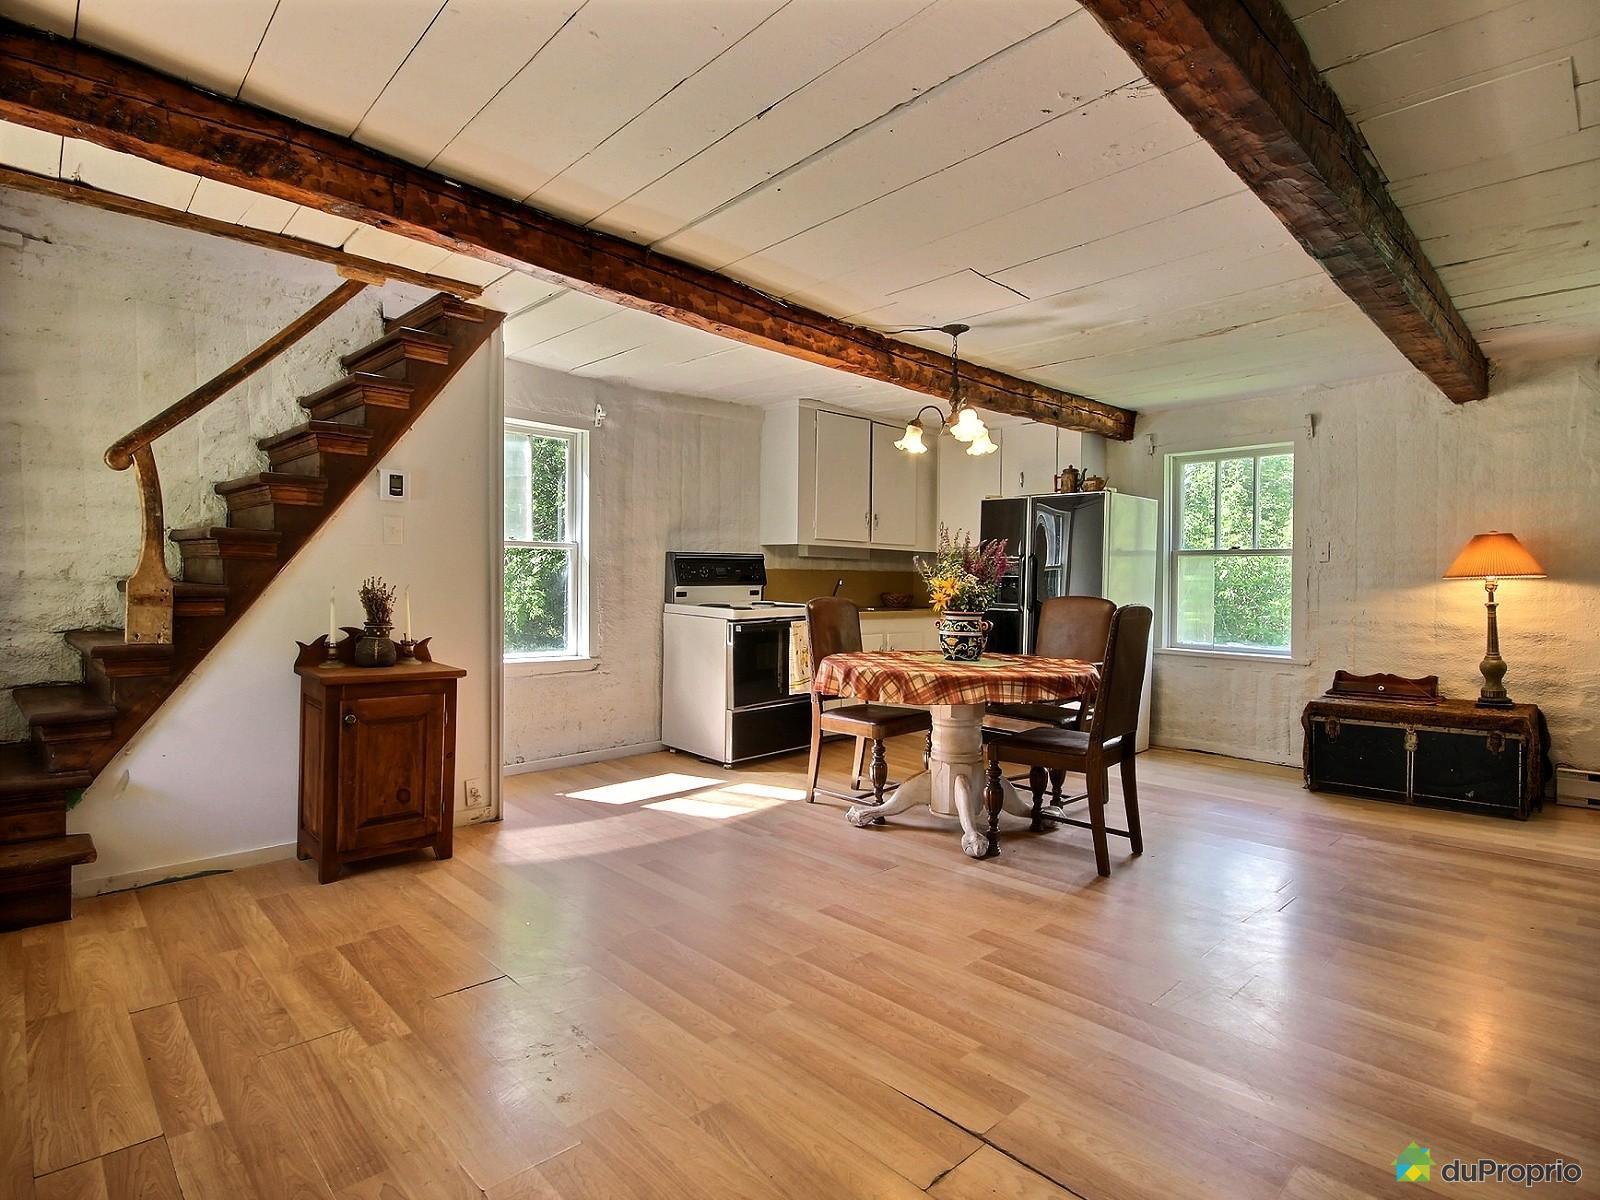 salle-a-manger-cuisine-maison-de-campagne-a-vendre-st-ours-quebec-province-1600-5316187